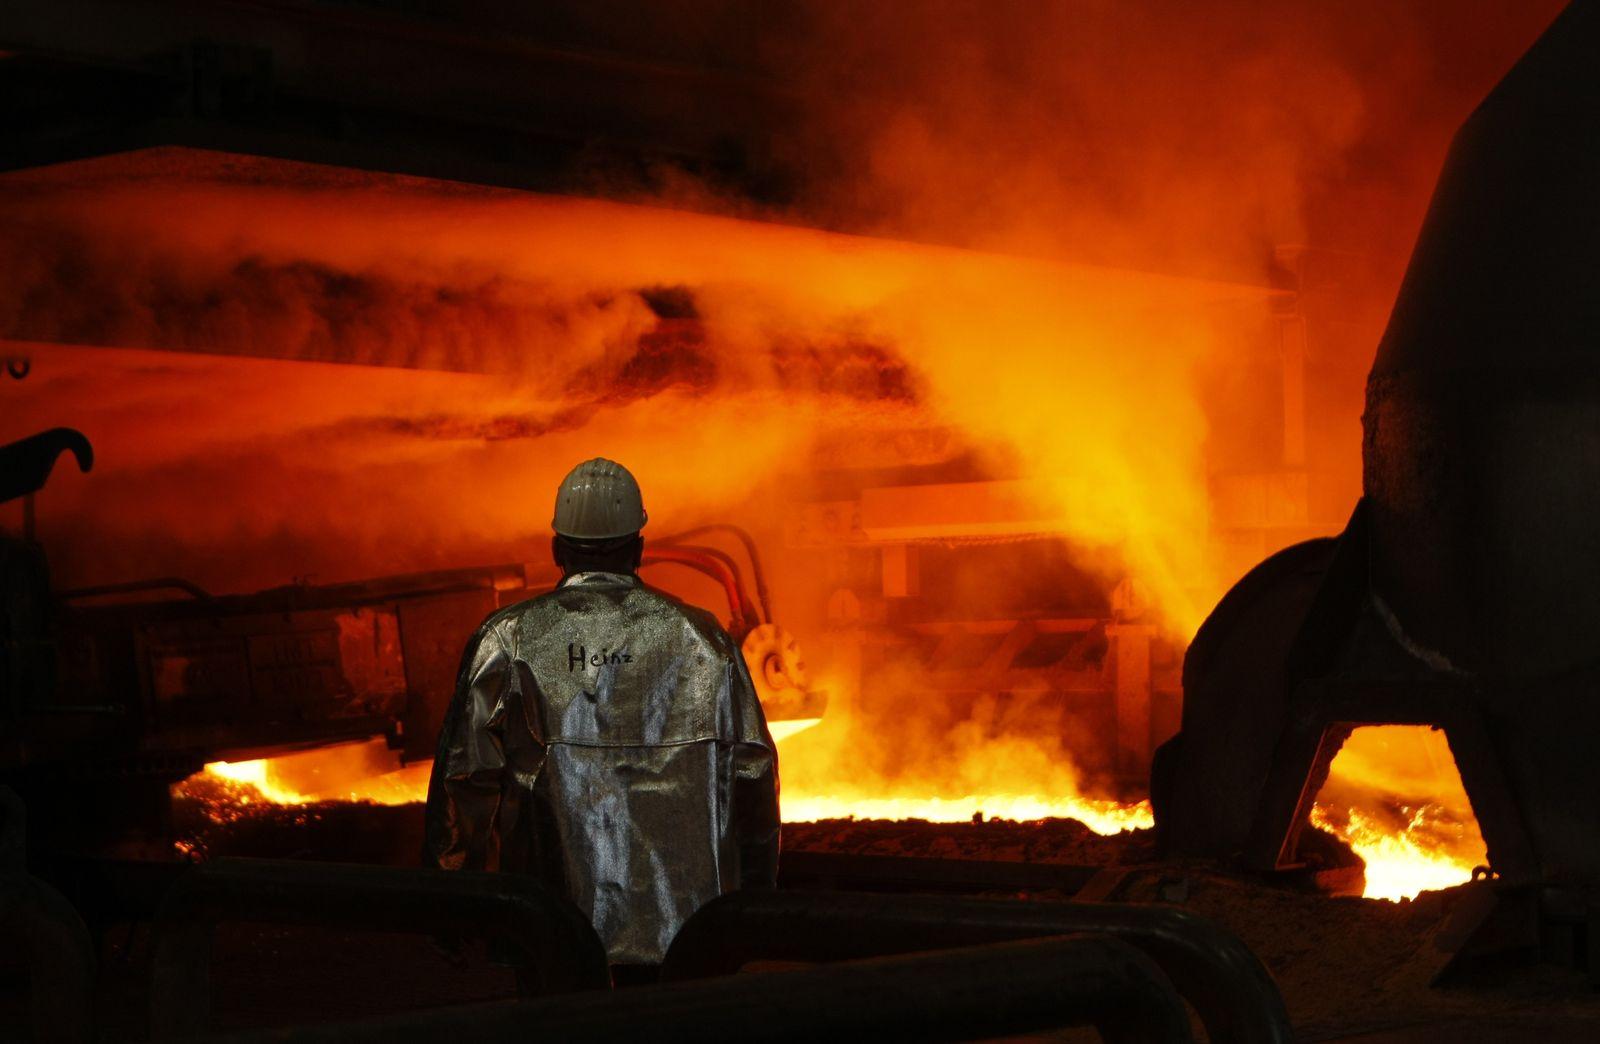 Stahl-Arbeiter / ThyssenKrupp / Konjunktur